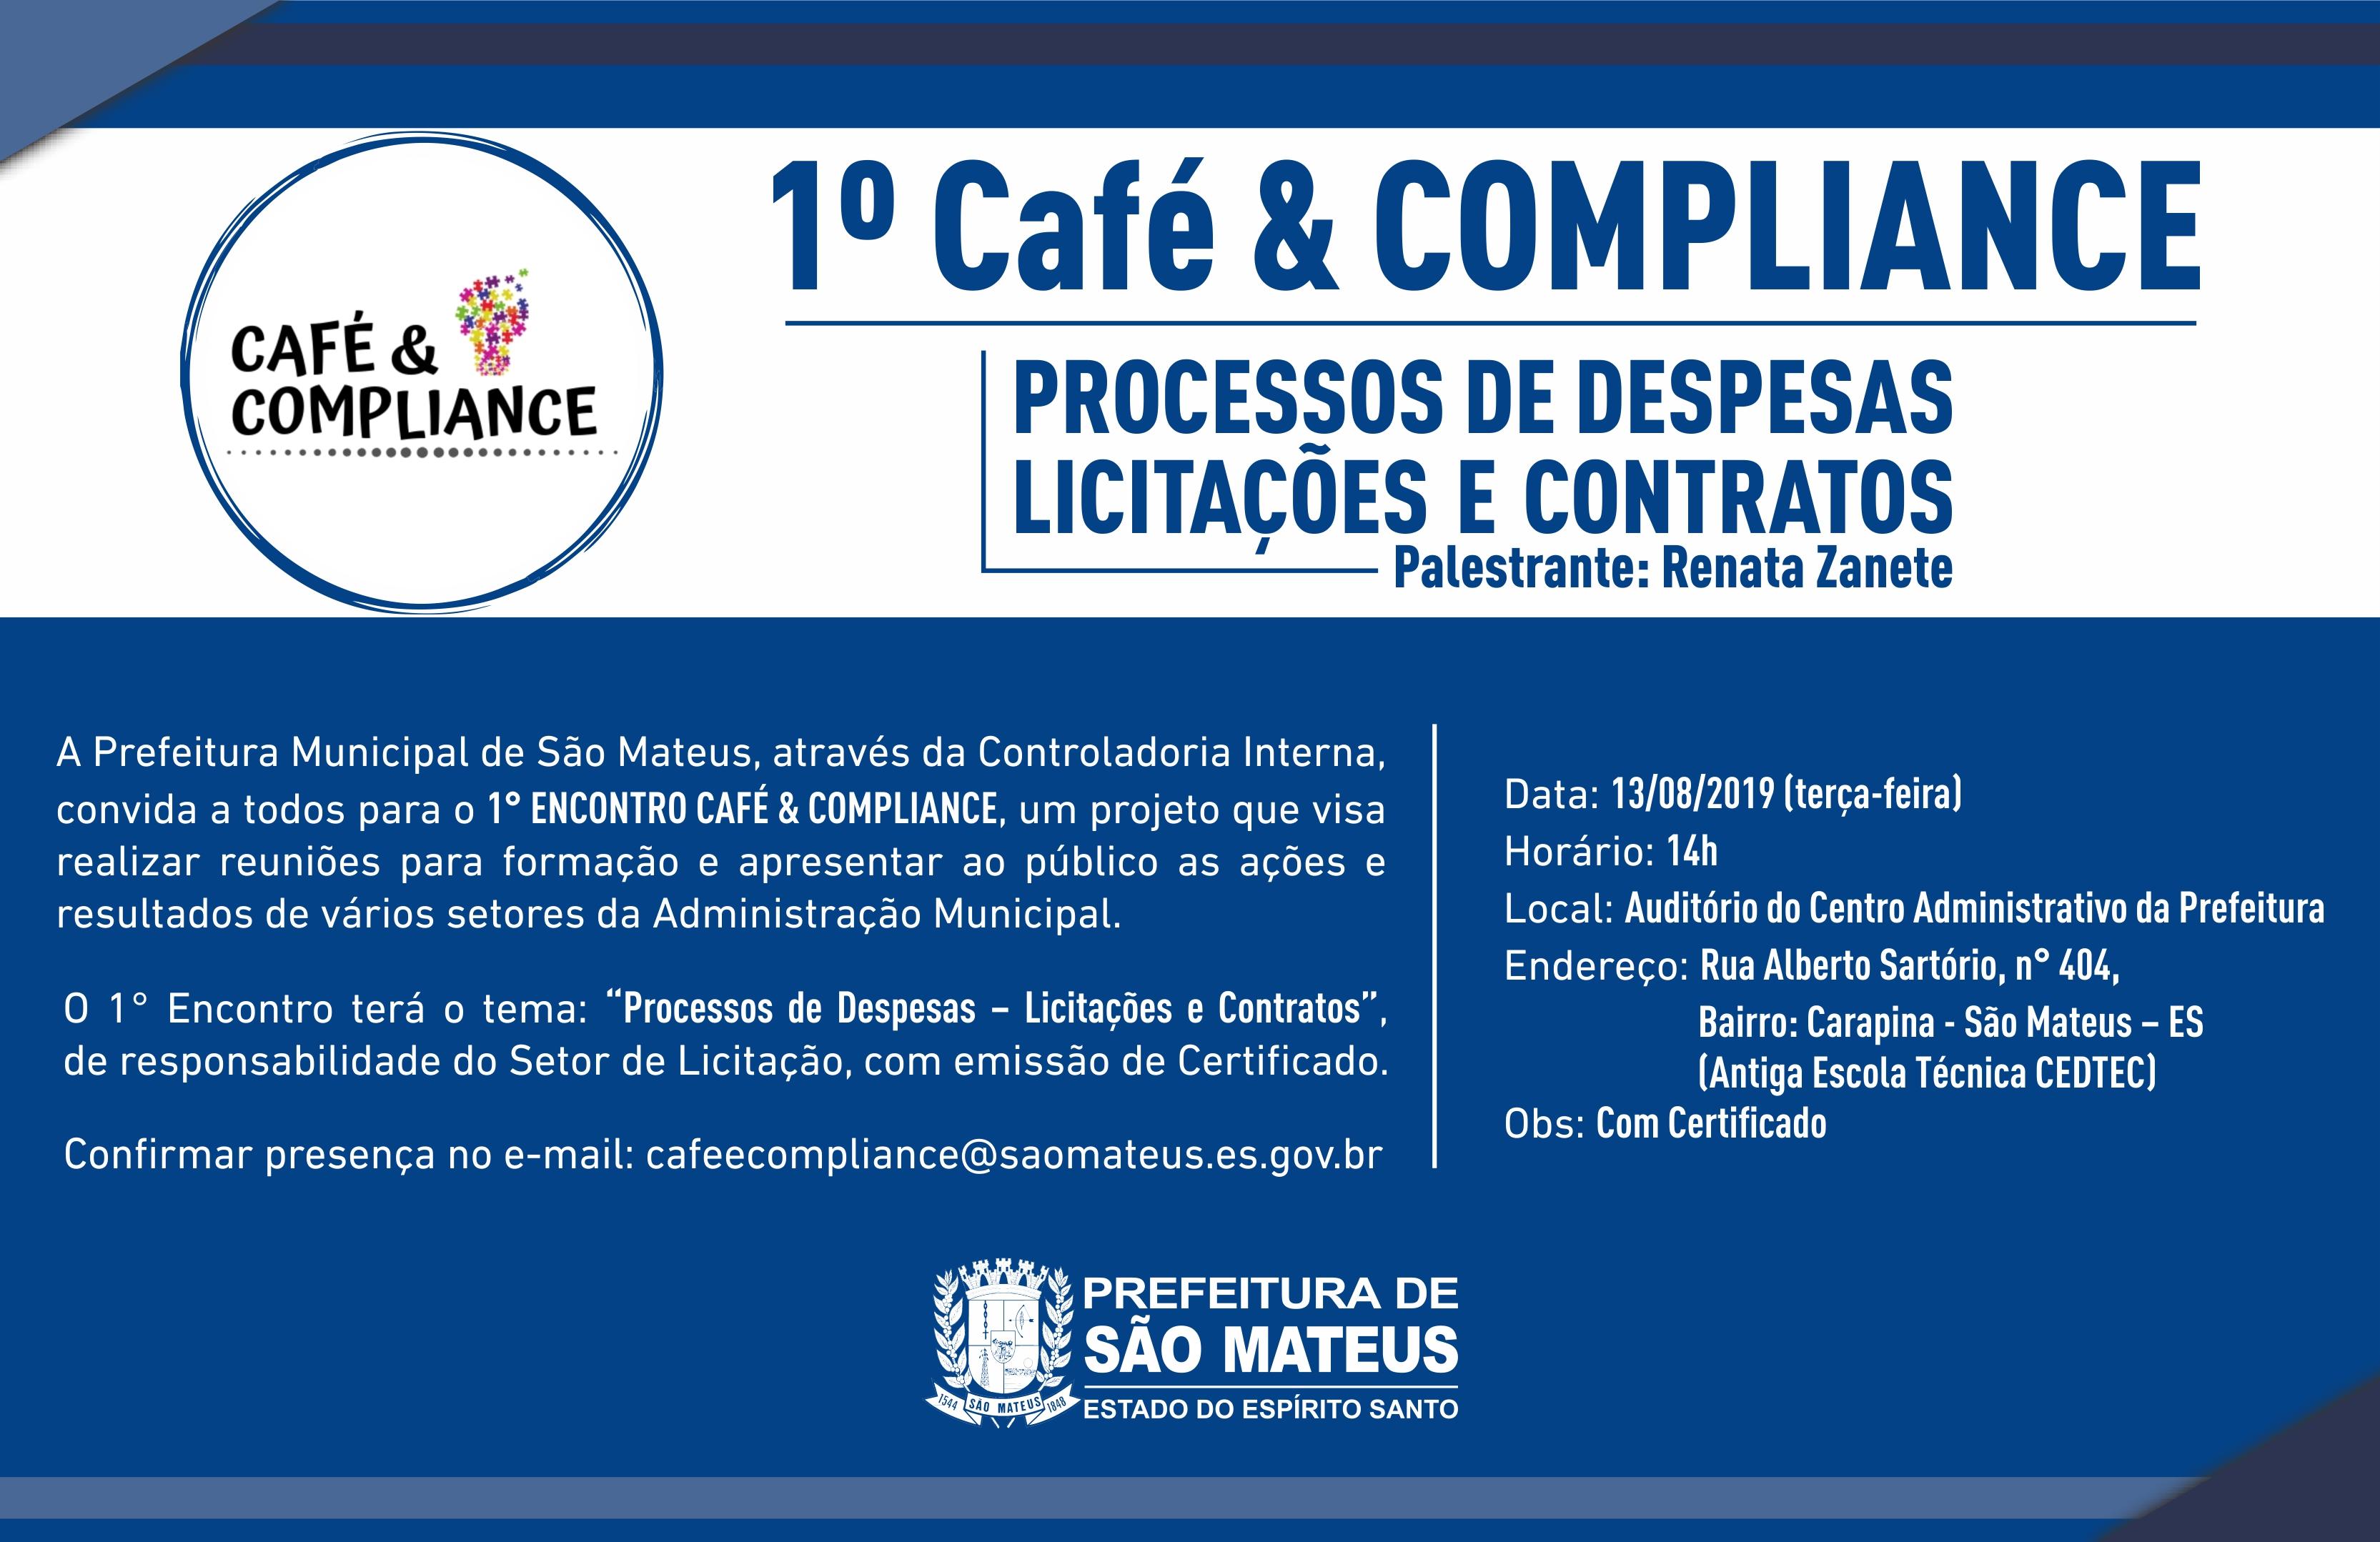 1º CAFÉ & COMPLIANCE - PROCESSOS DE DESPESAS LICITAÇÕES E CONTRATOS